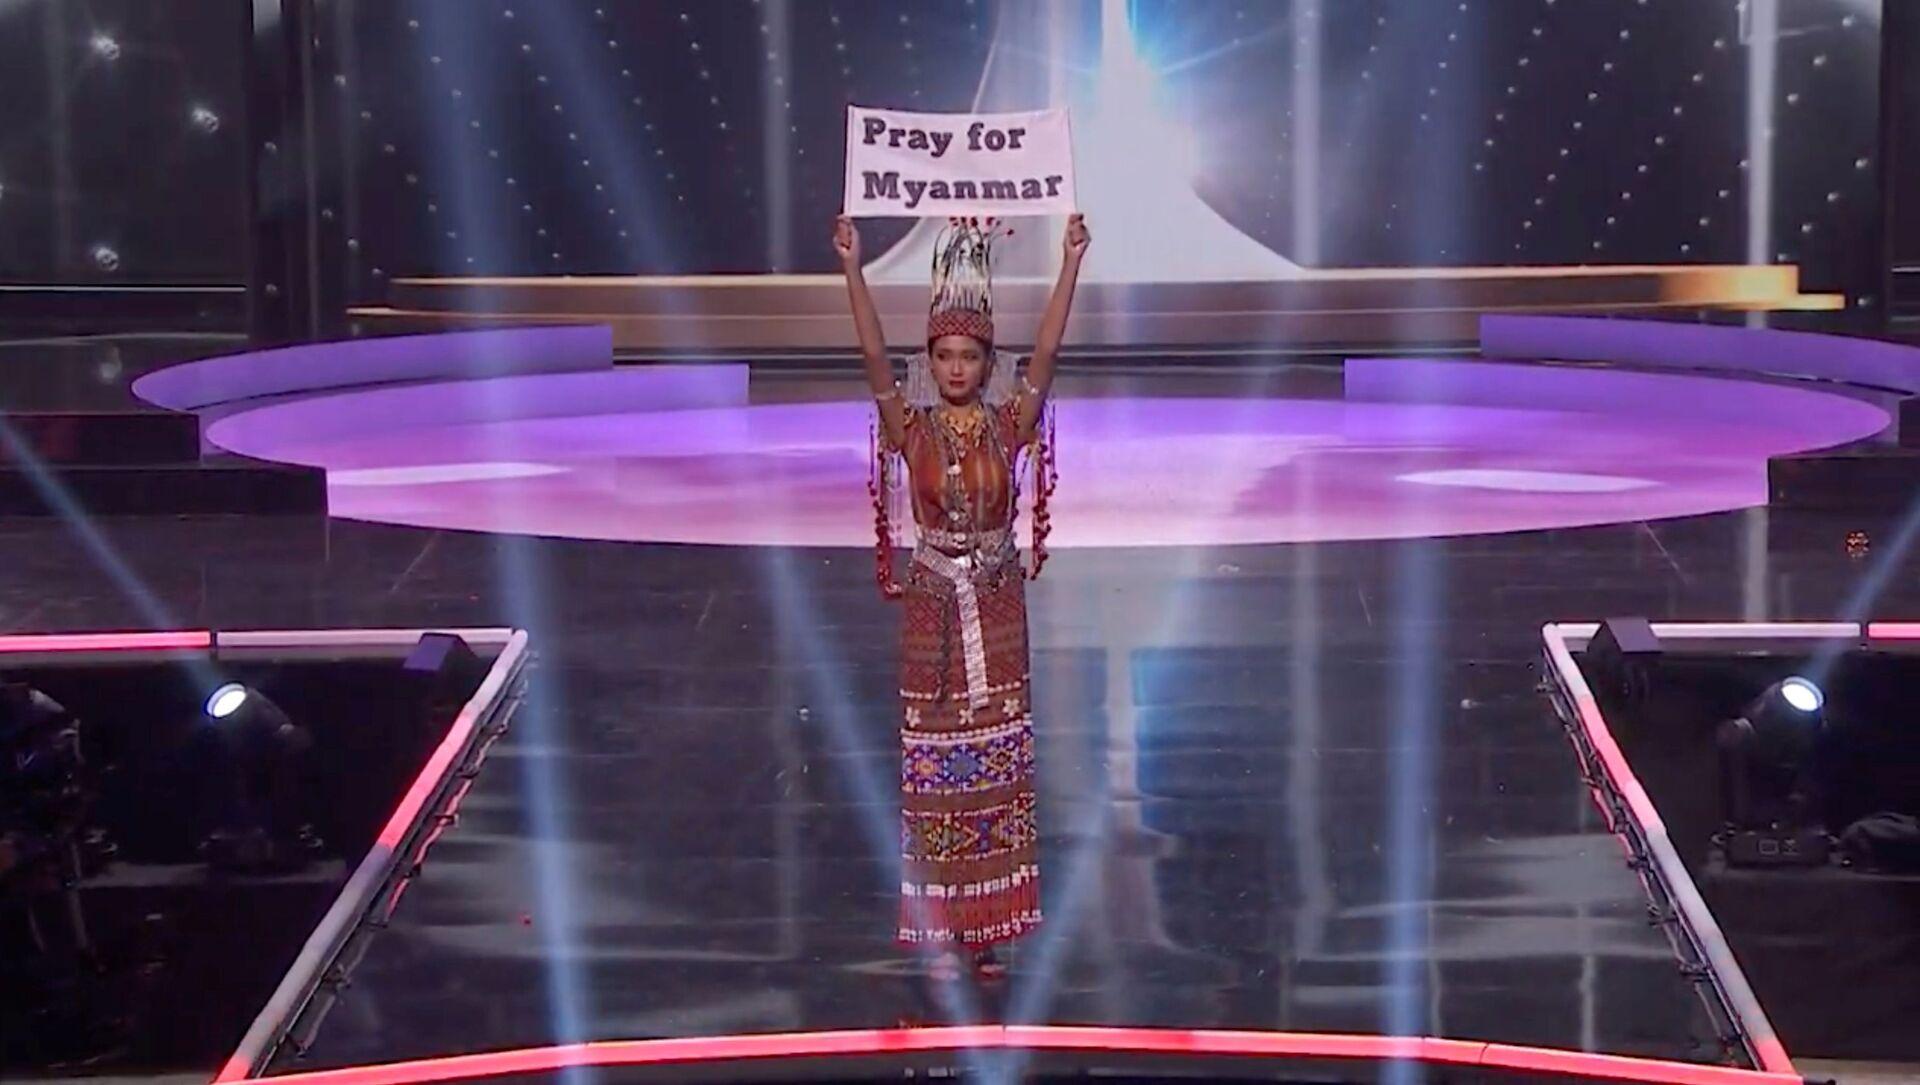 Thí sinh đến từ Myanmar tại cuộc thi Hoa hậu Hoàn vũ - Sputnik Việt Nam, 1920, 18.05.2021